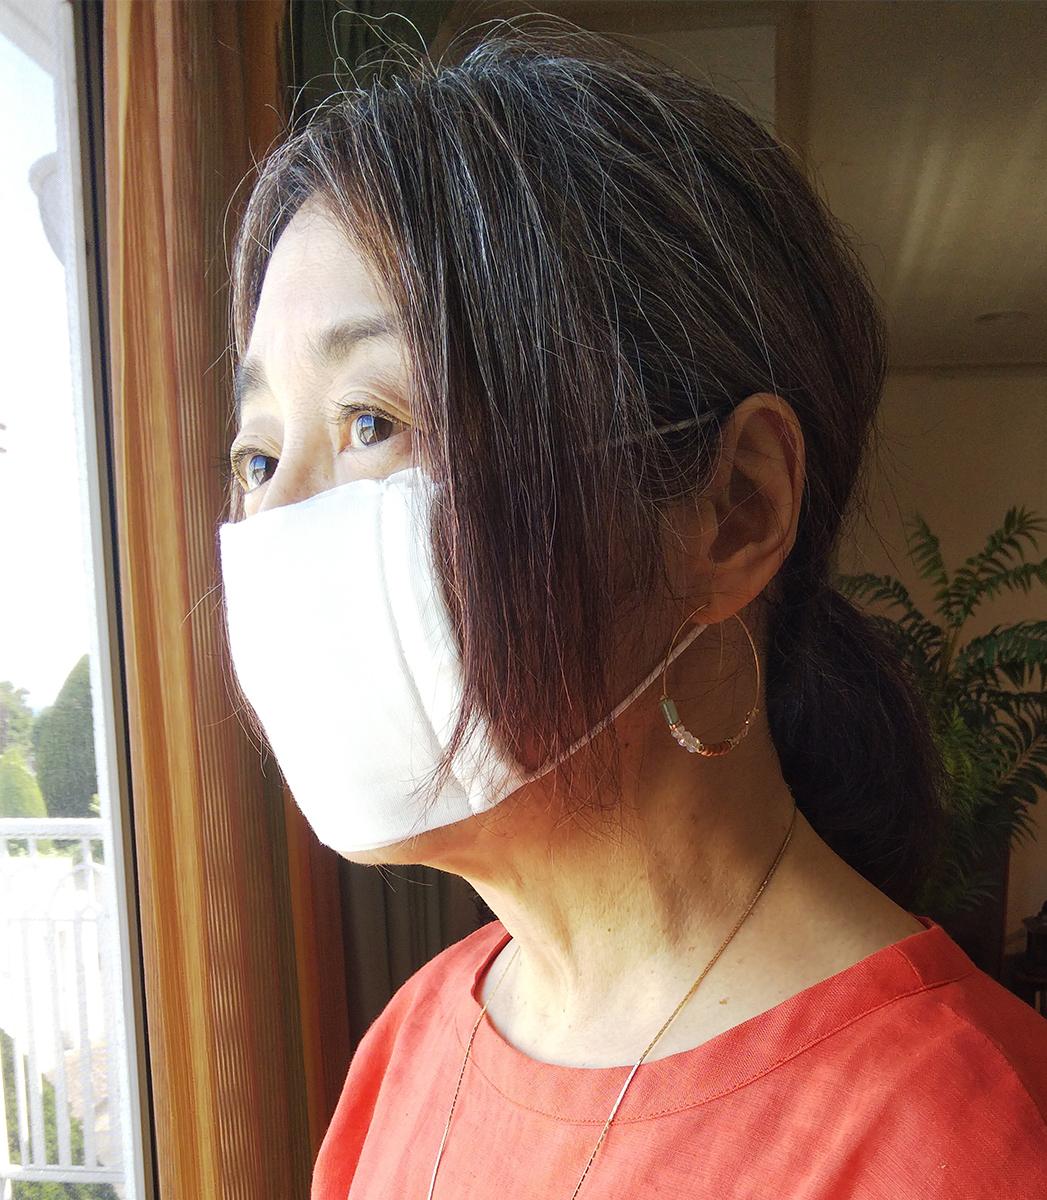 マスクから見えるアゴのライン